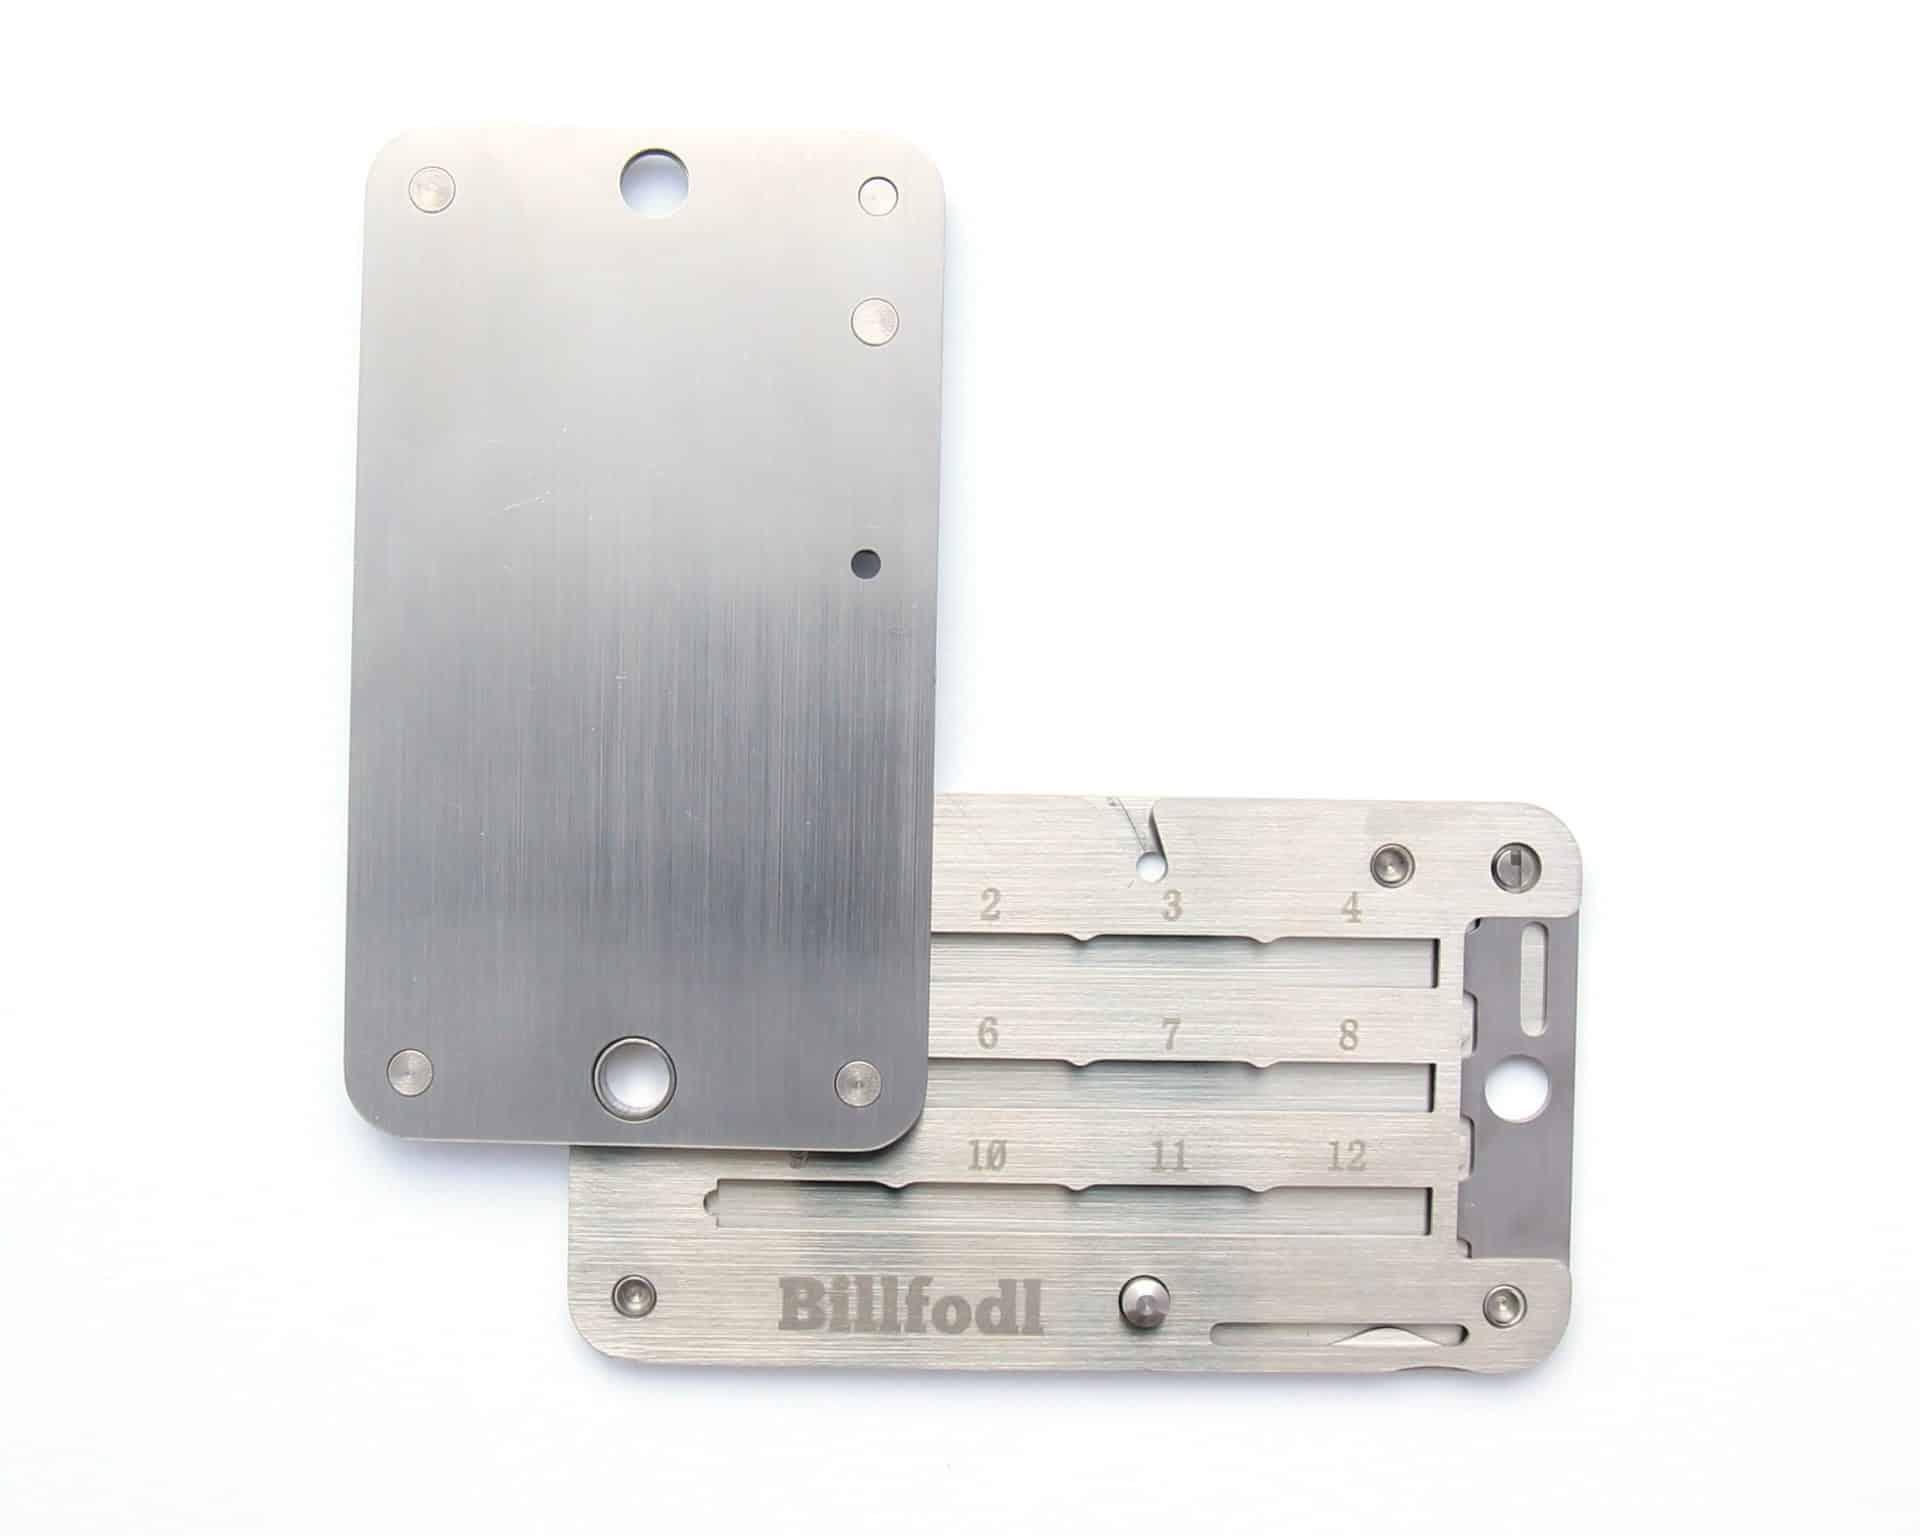 Billfodl-deschis-fata